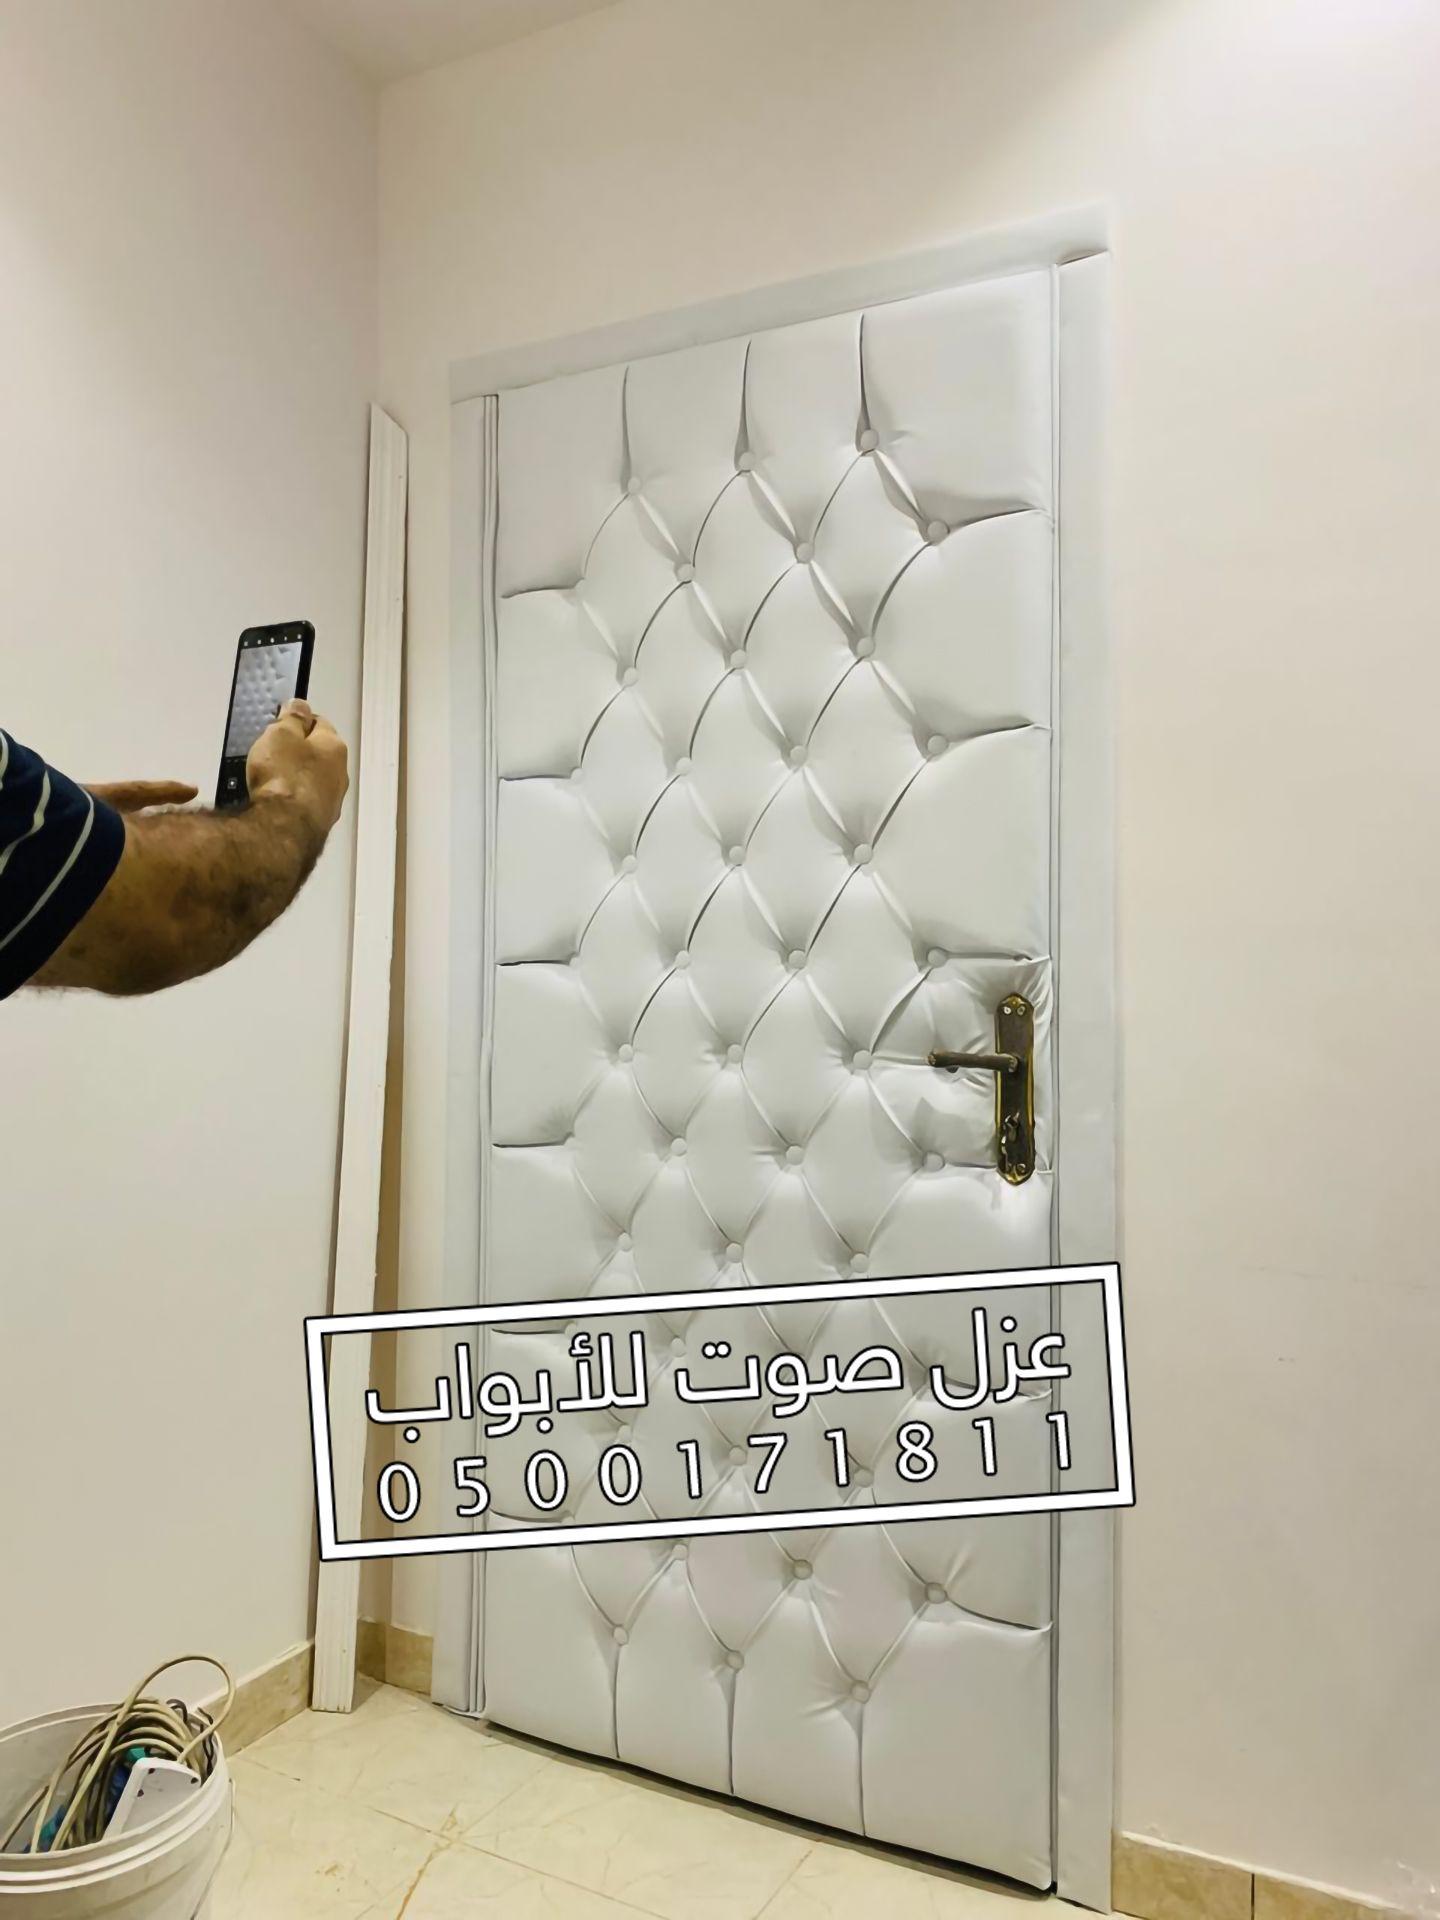 الباب العازل للصوت الرياض Home Decor Decals Home Decor Decor